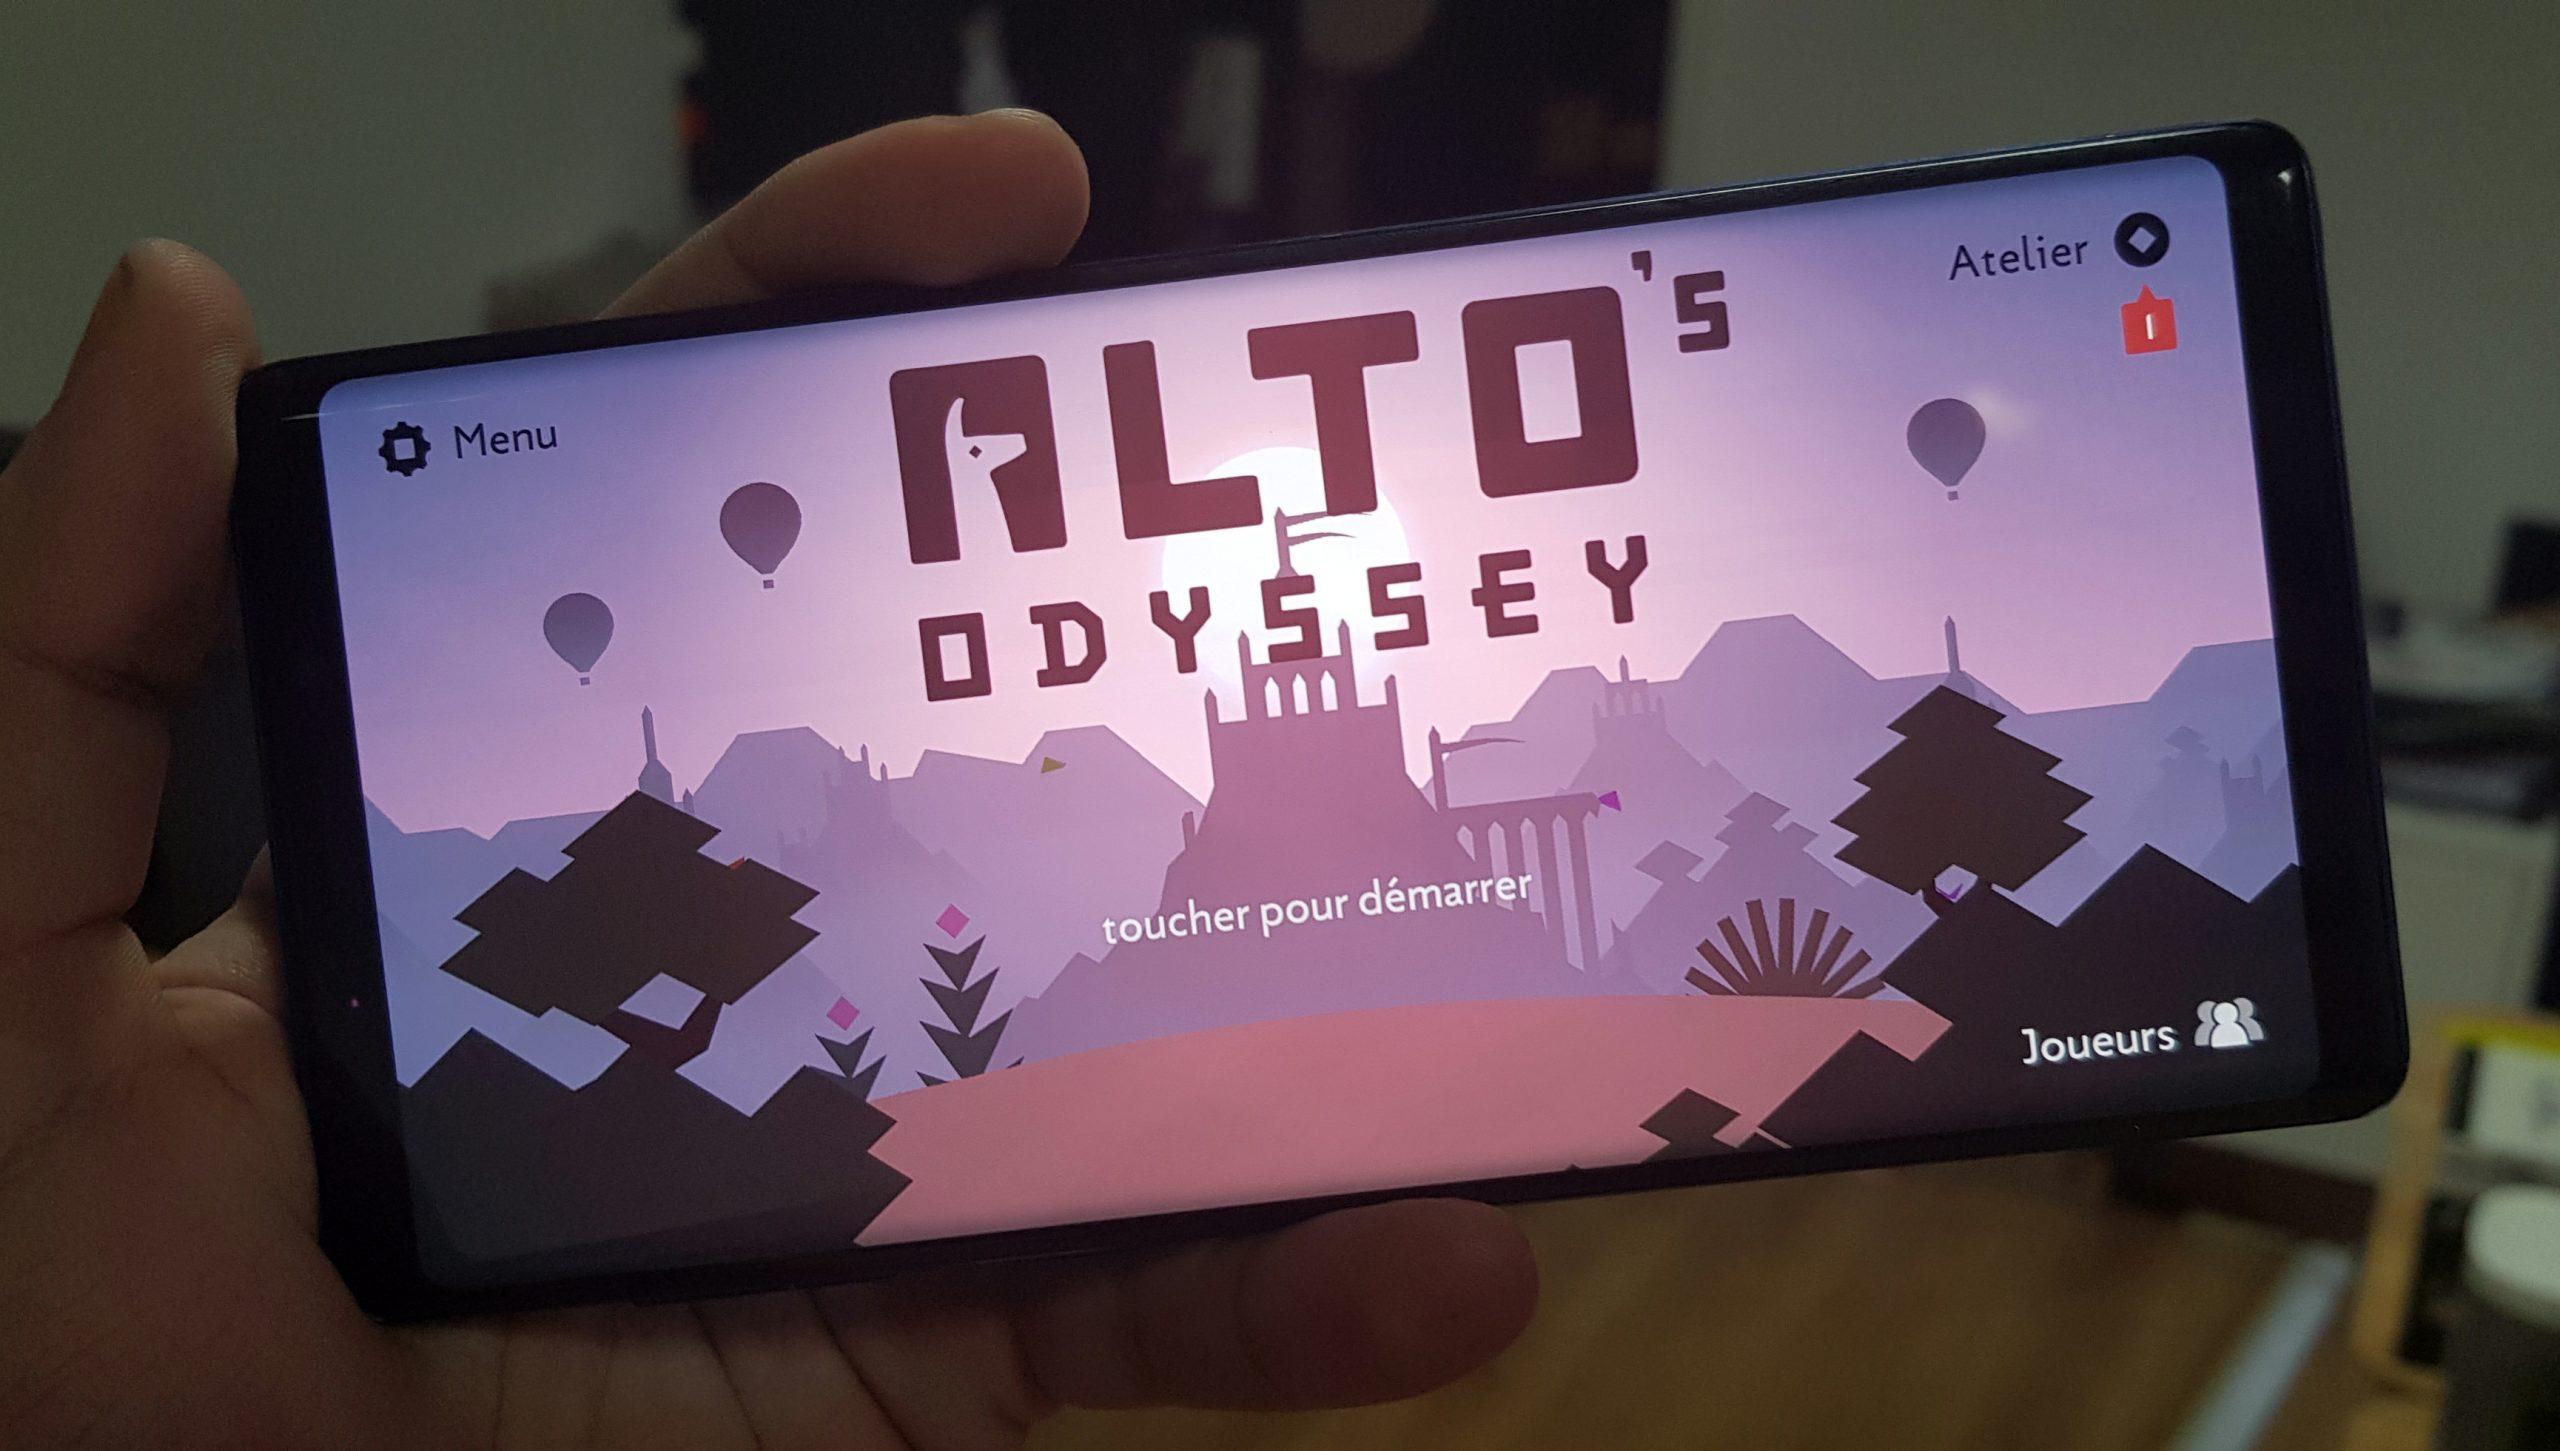 Les Meilleurs Jeux Sans Connexion Sur Android Et Ios En 2020 avec Jeux De Lettres Gratuits